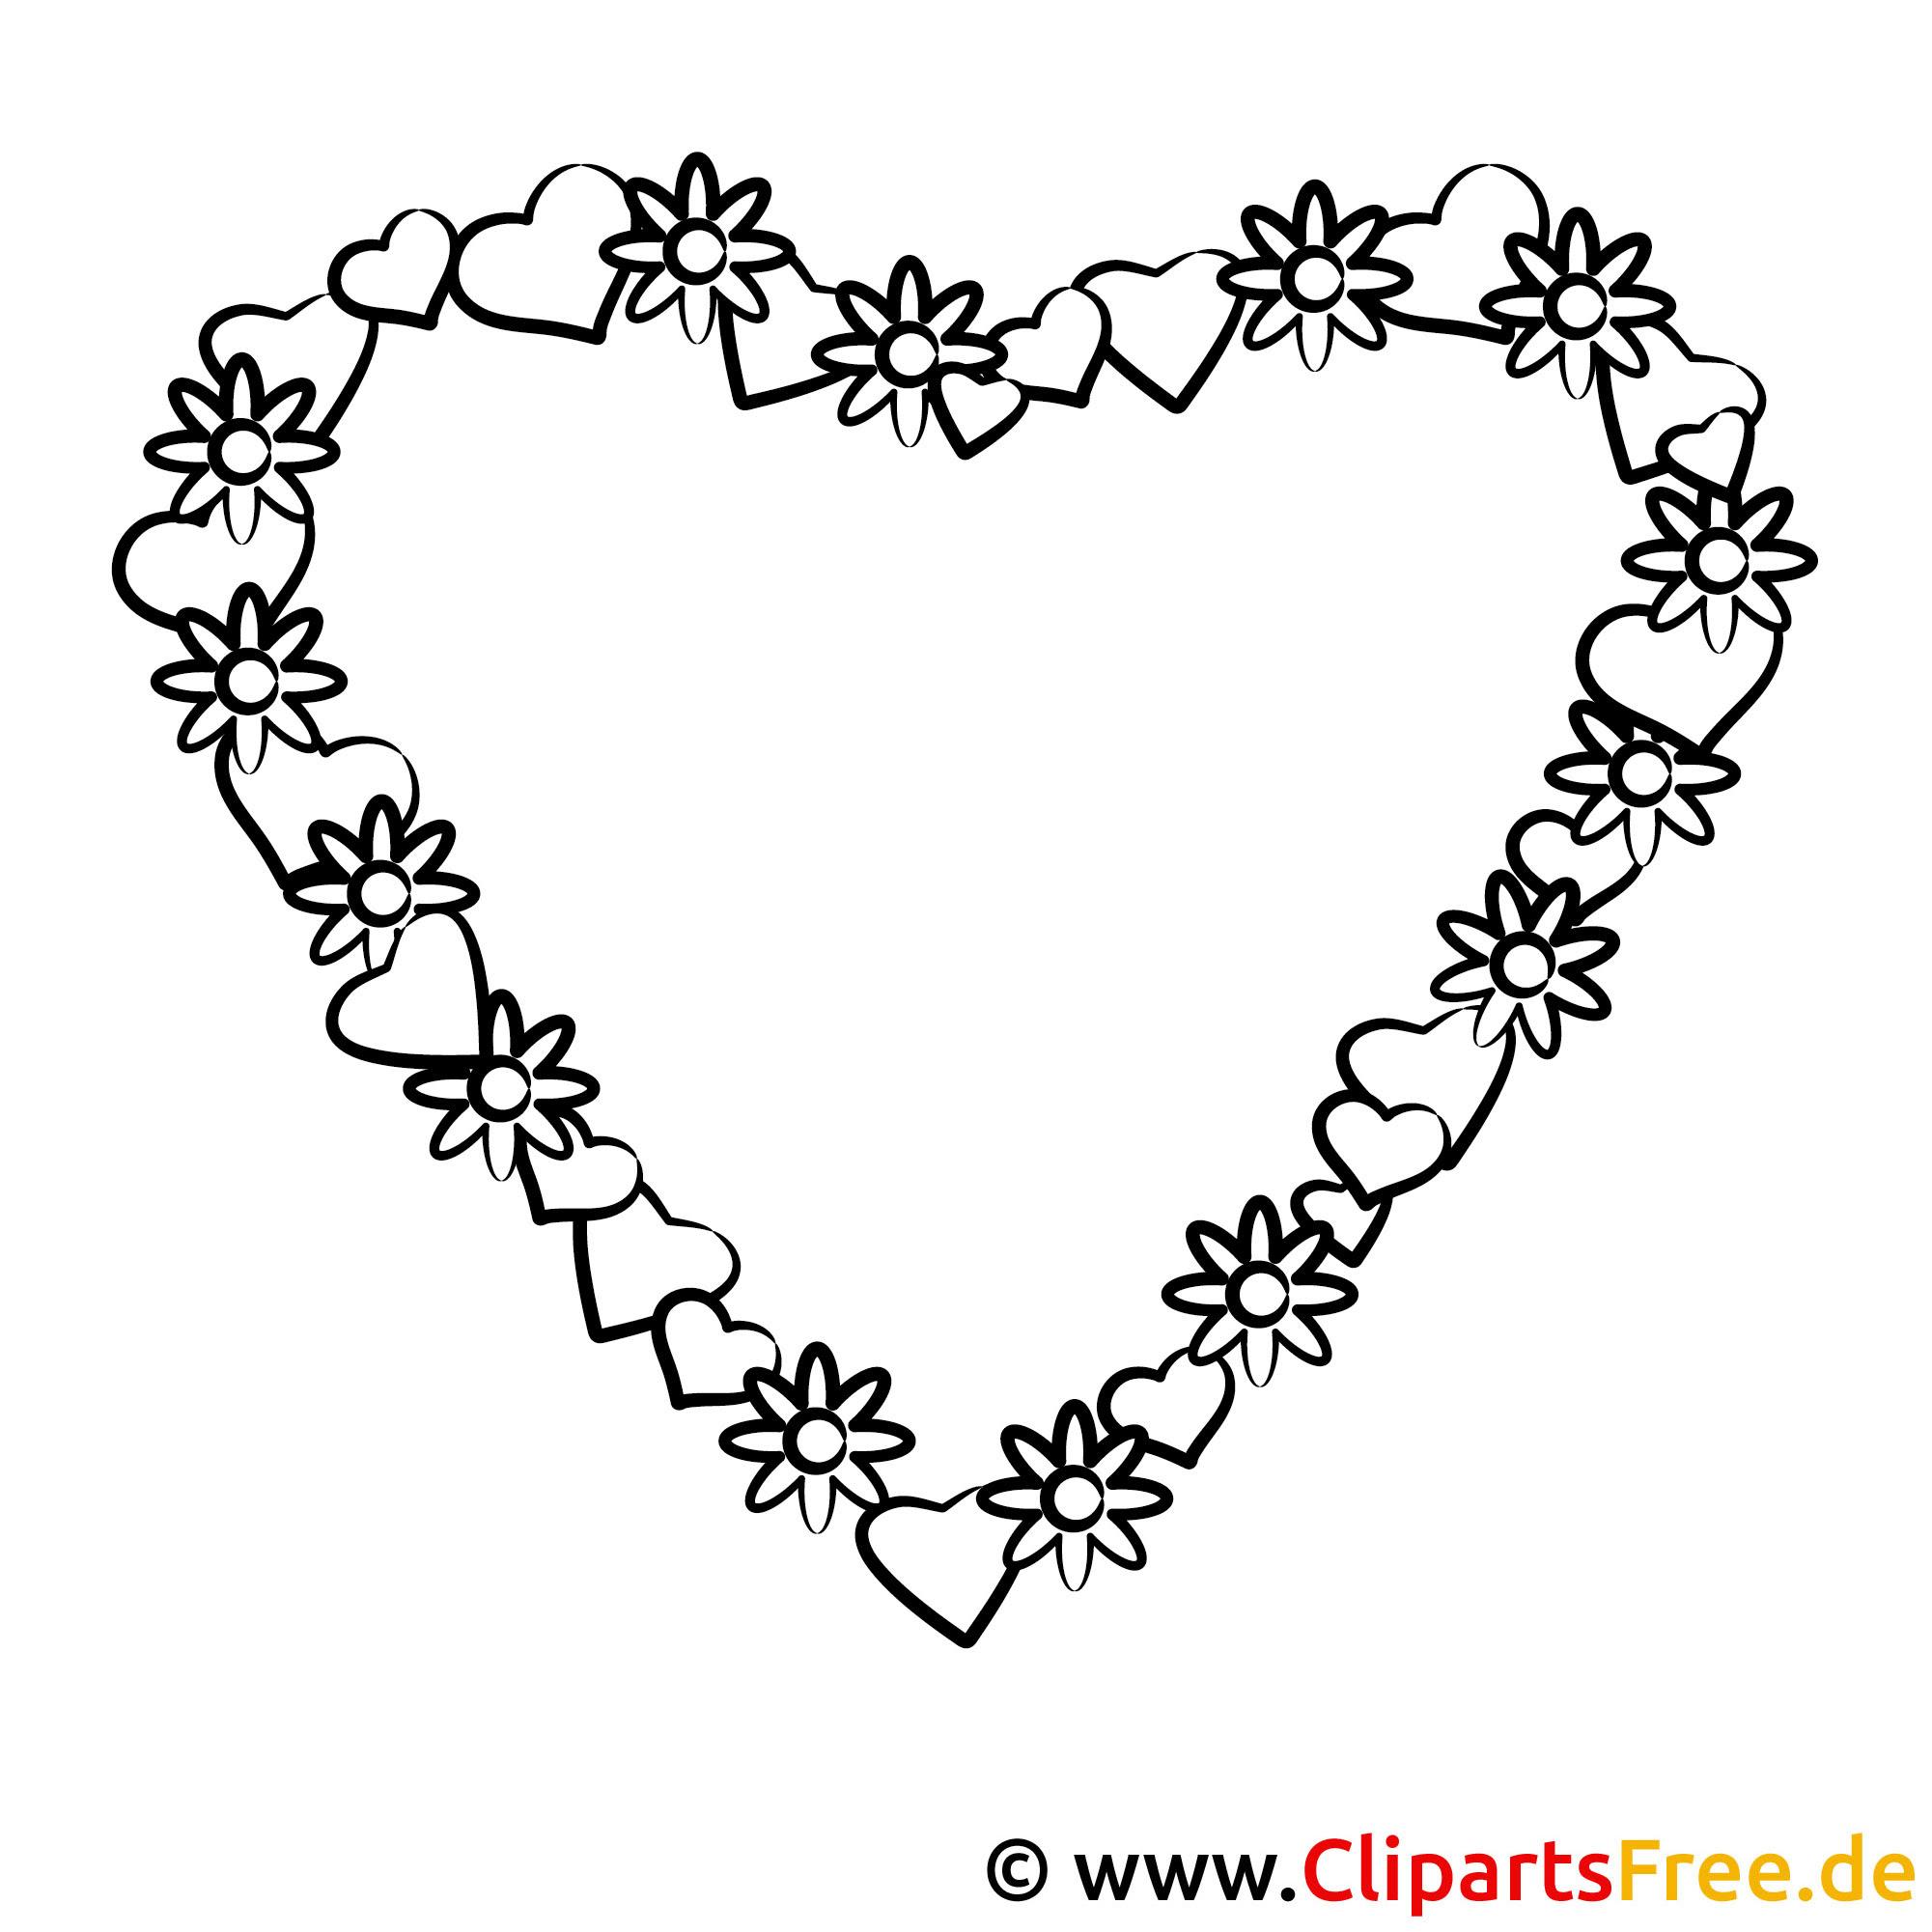 titel der malvorlage herz aus blumen valentinstag